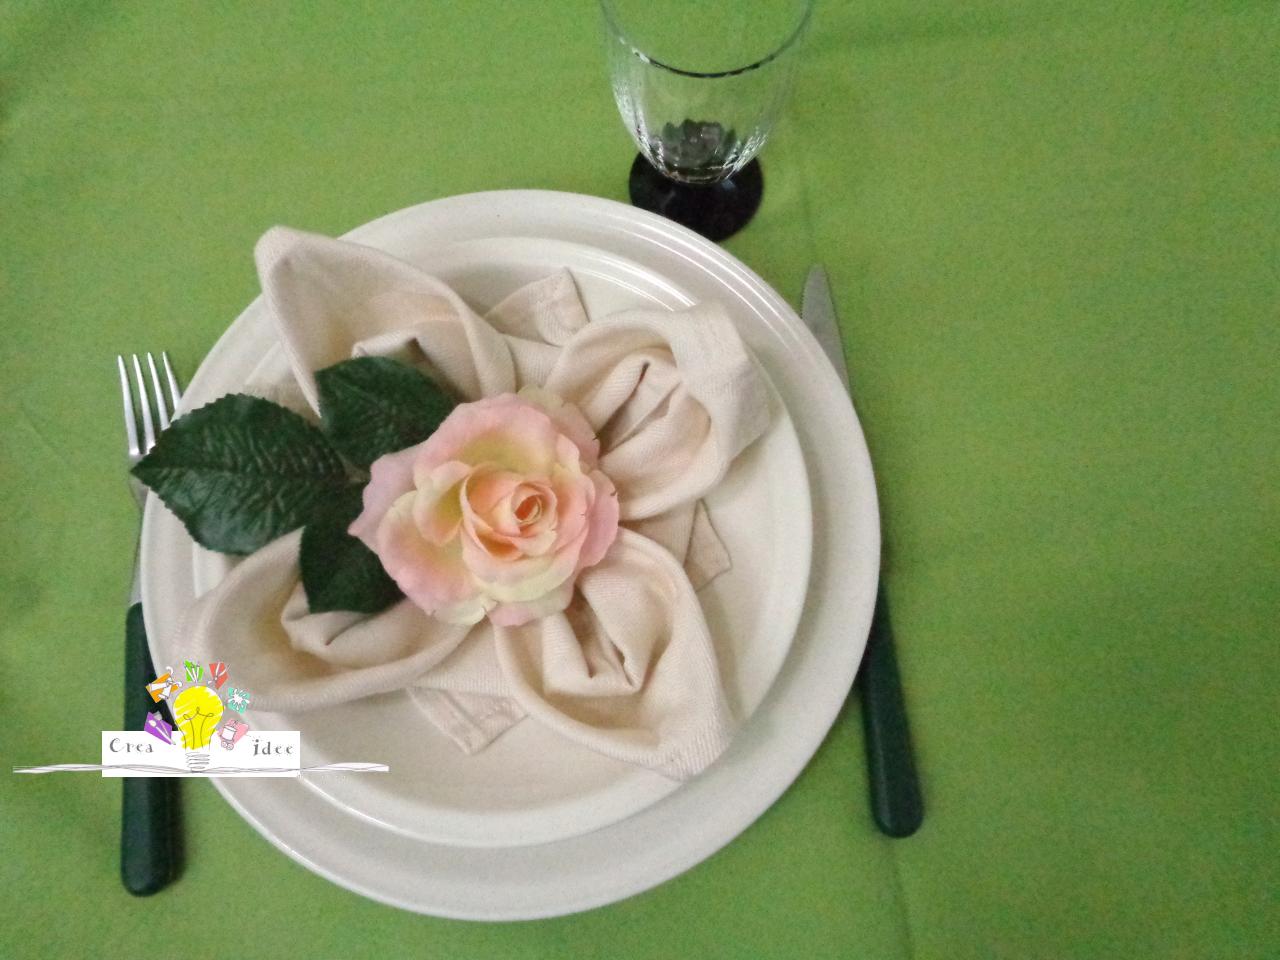 Piegare Tovaglioli Di Carta l'angolo creativo: piegare tovaglioli a fiore di loto - blog